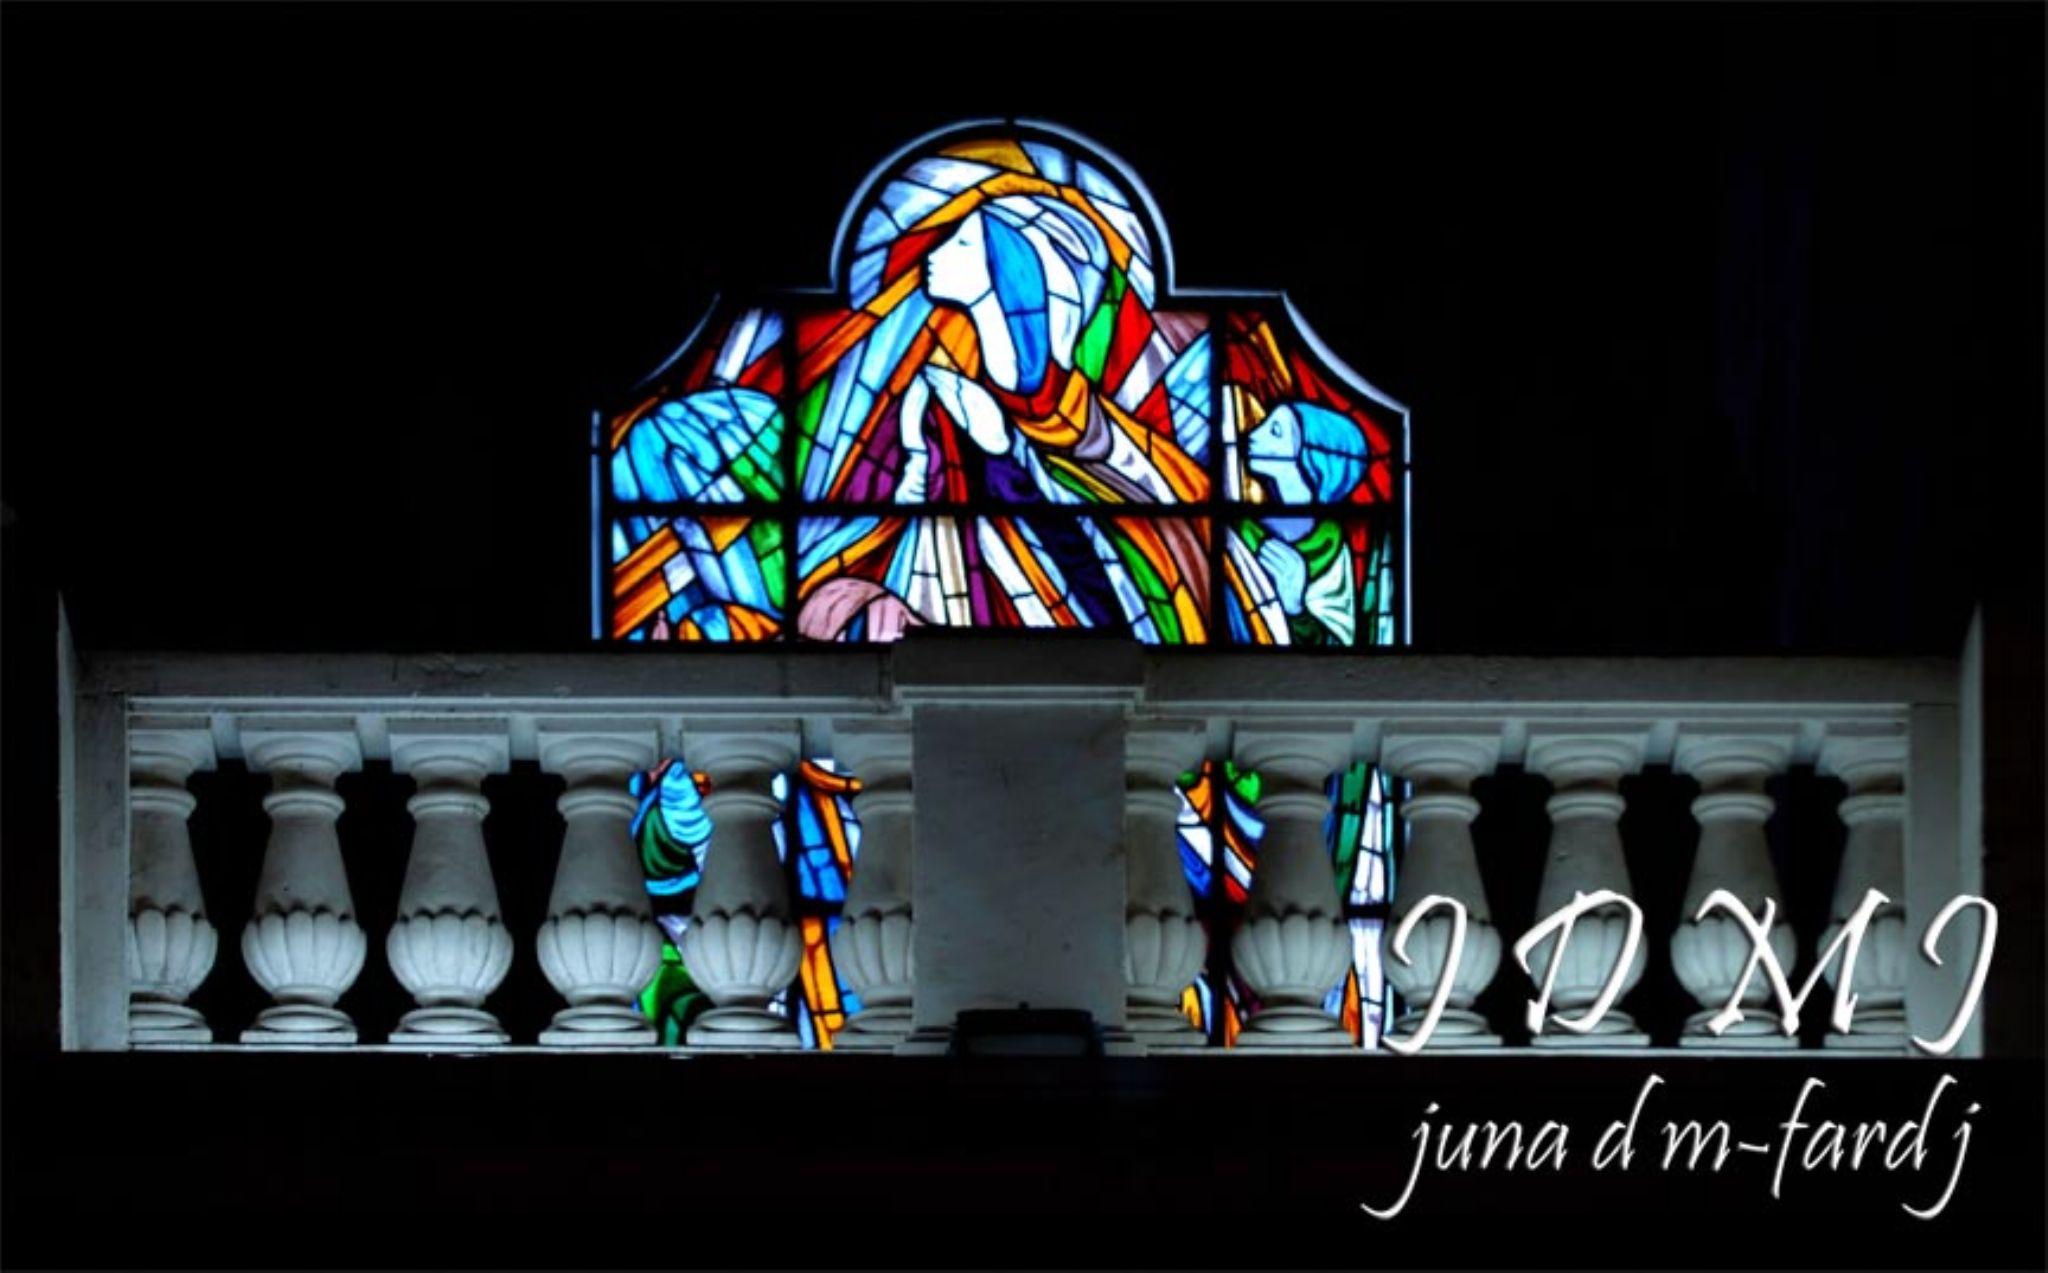 Santuário de Fatima - foto de juna d m-fard j by juna fard